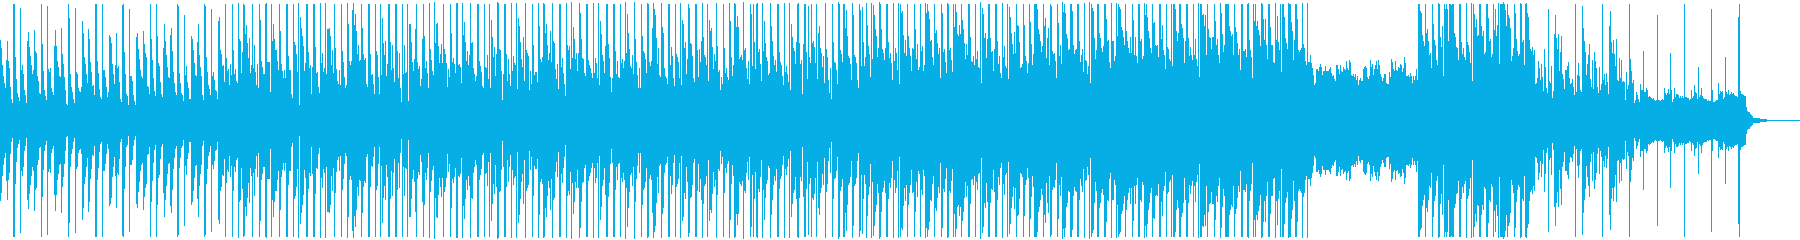 ハードなシンセサウンドとディープなビートの再生済みの波形